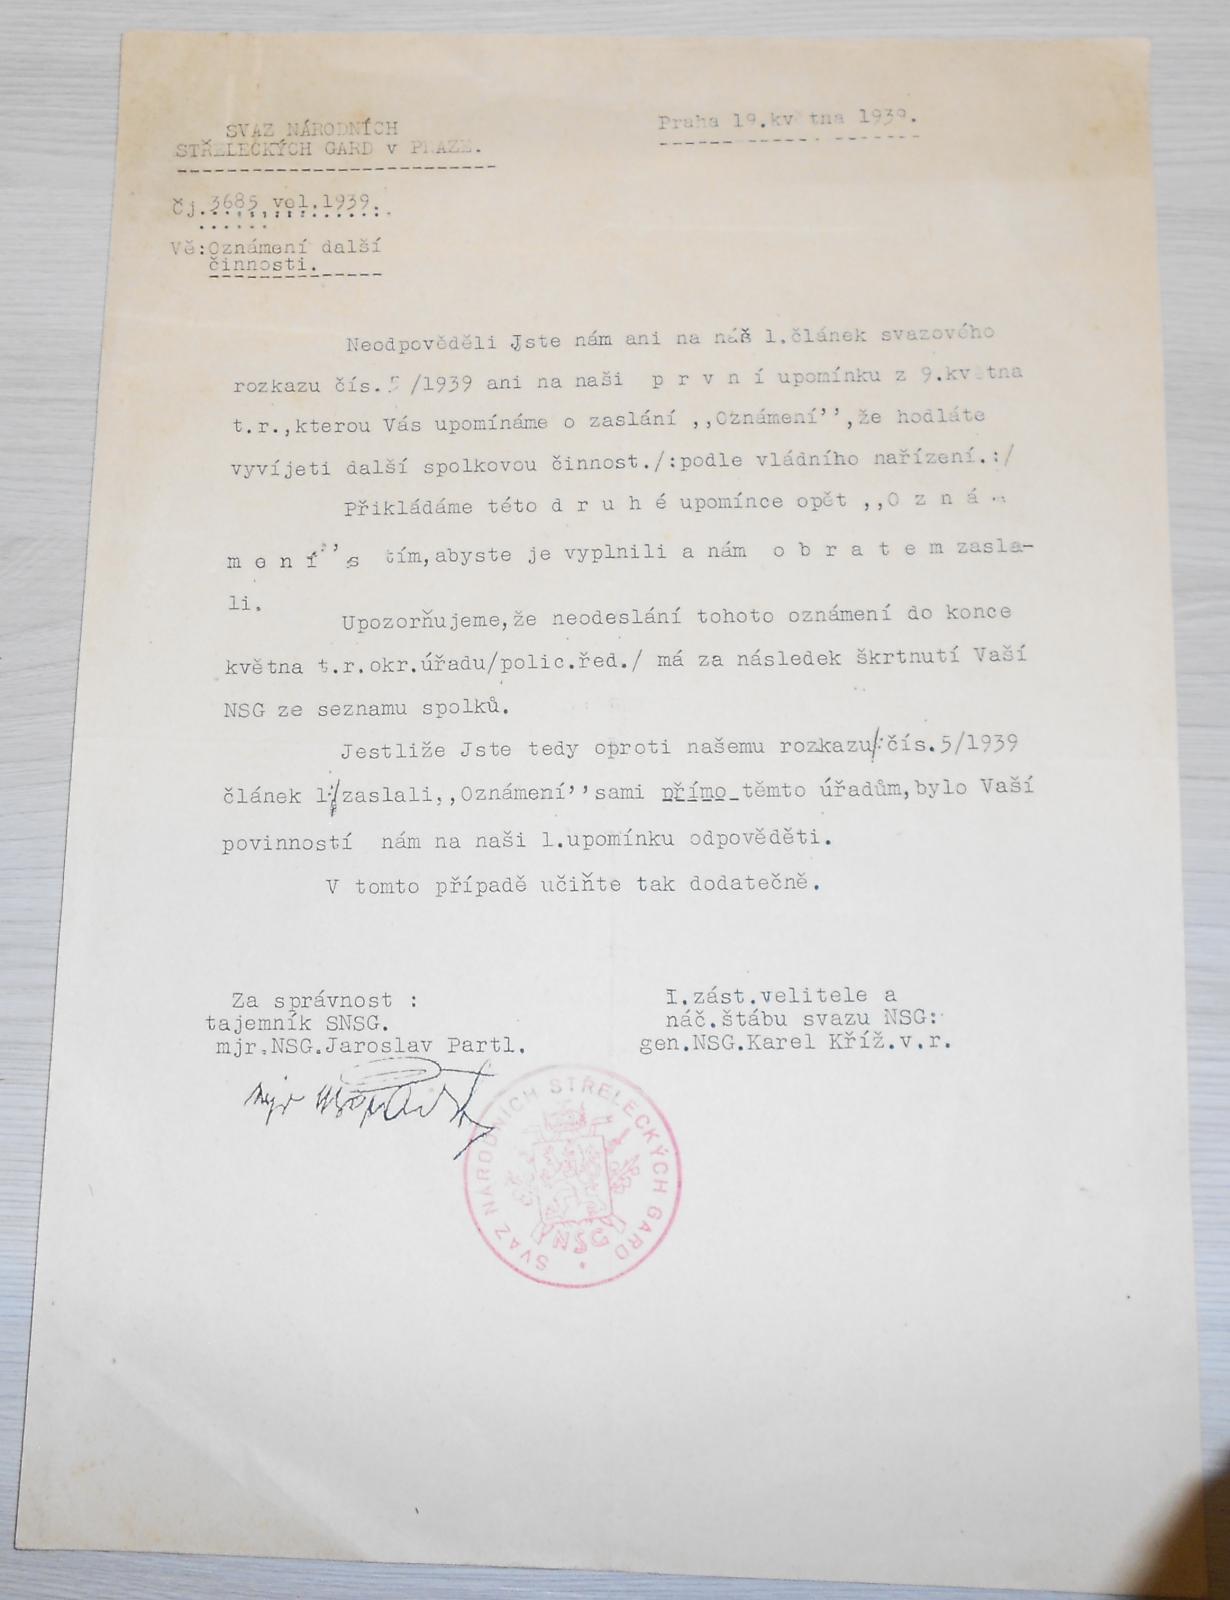 ČSR Svaz národních střeleckých gard